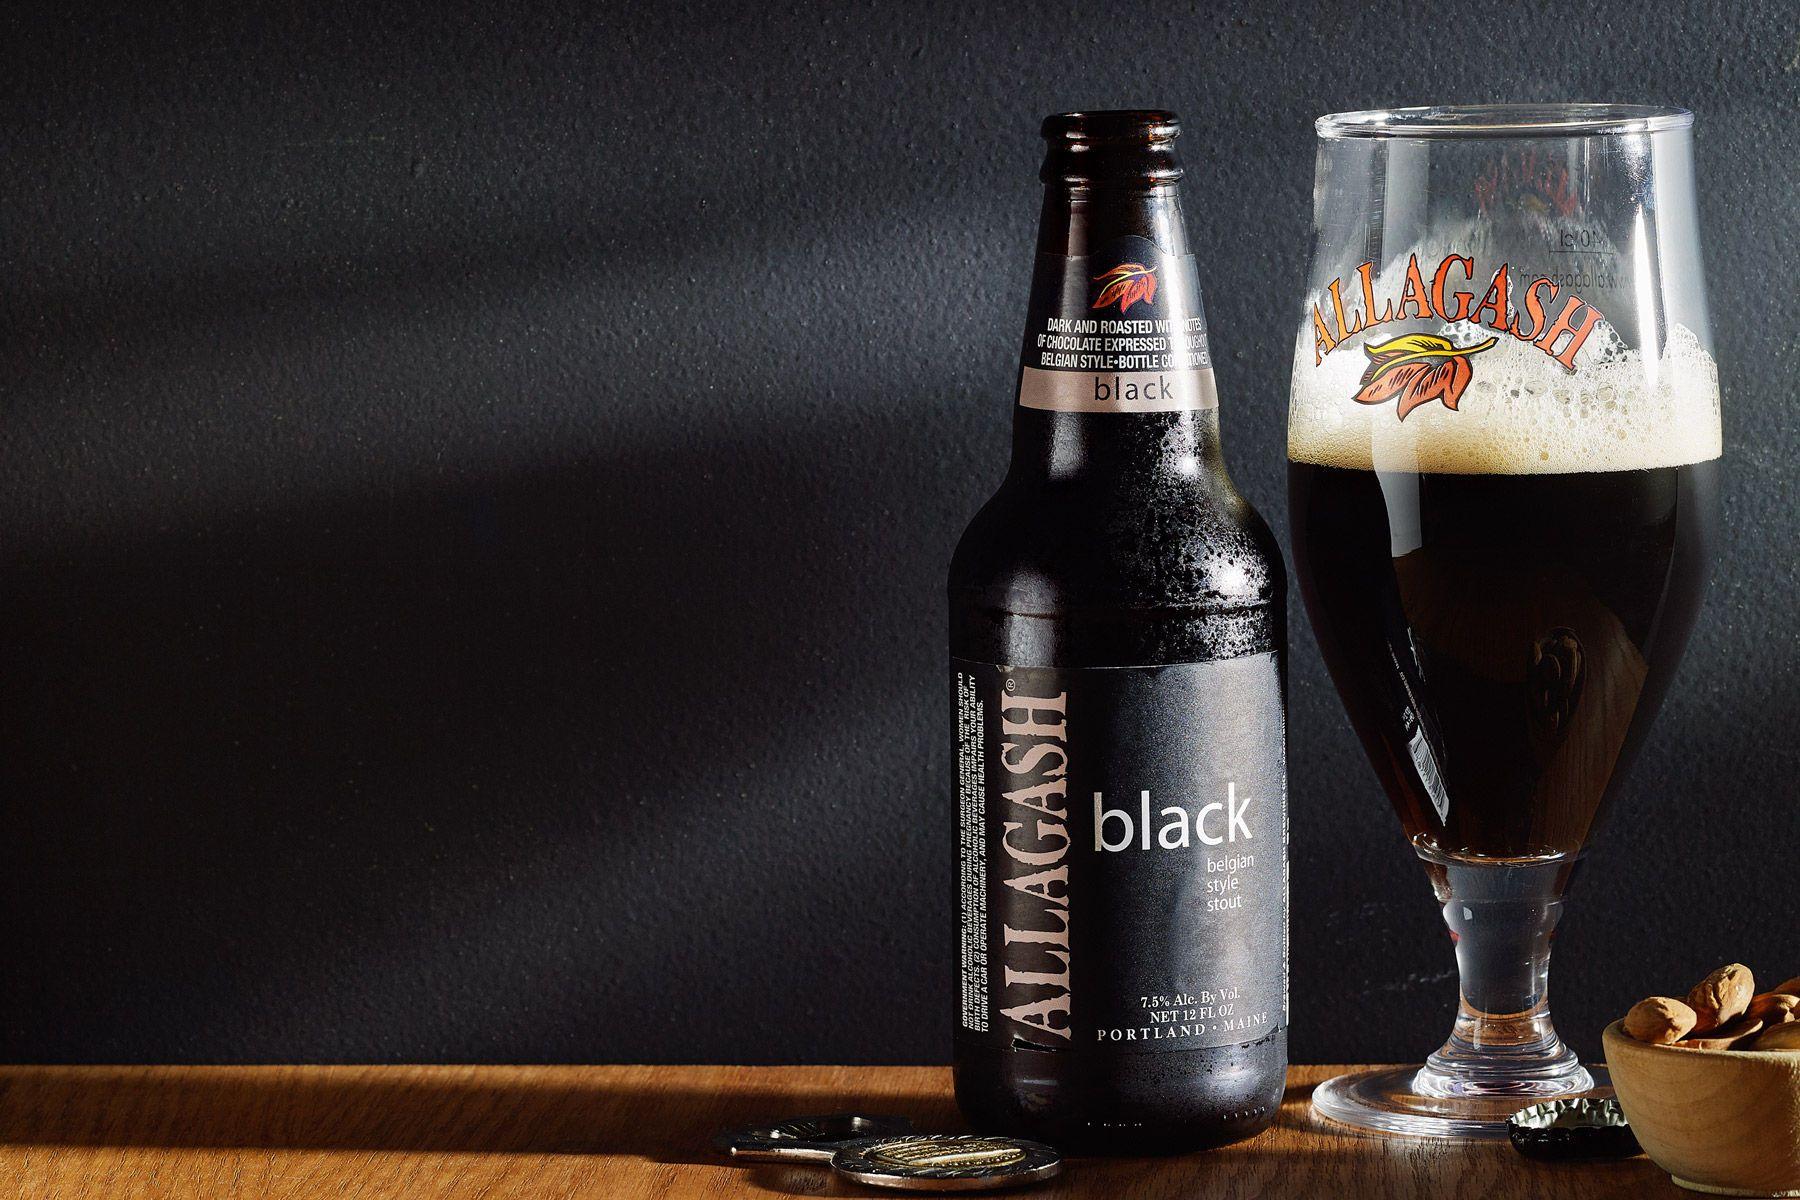 Allagash Black Beer